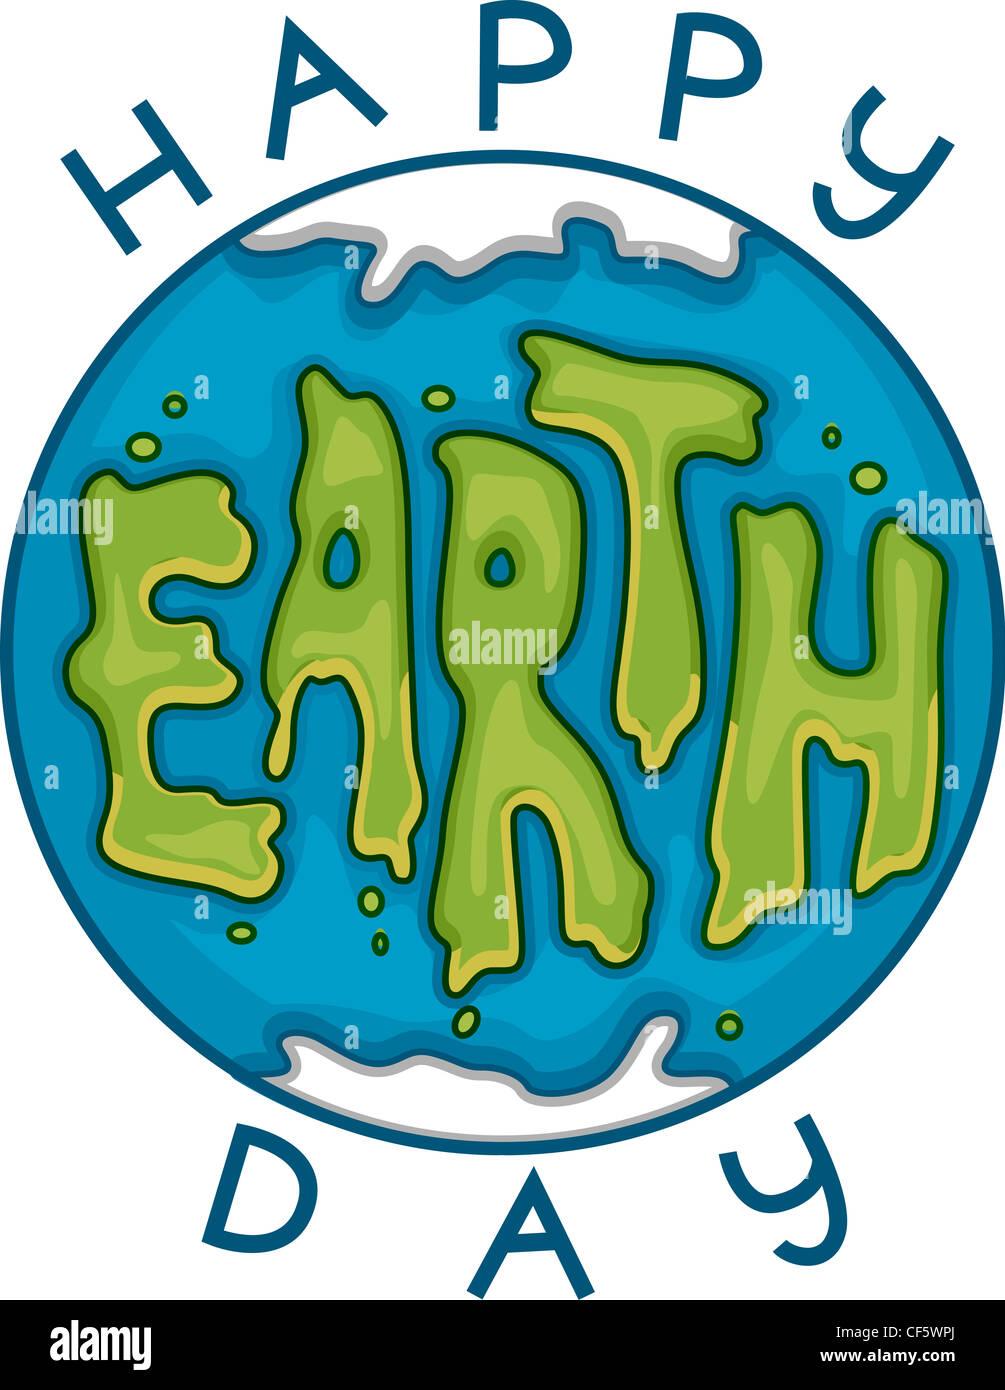 Illustration Celebrating Earth Day - Stock Image